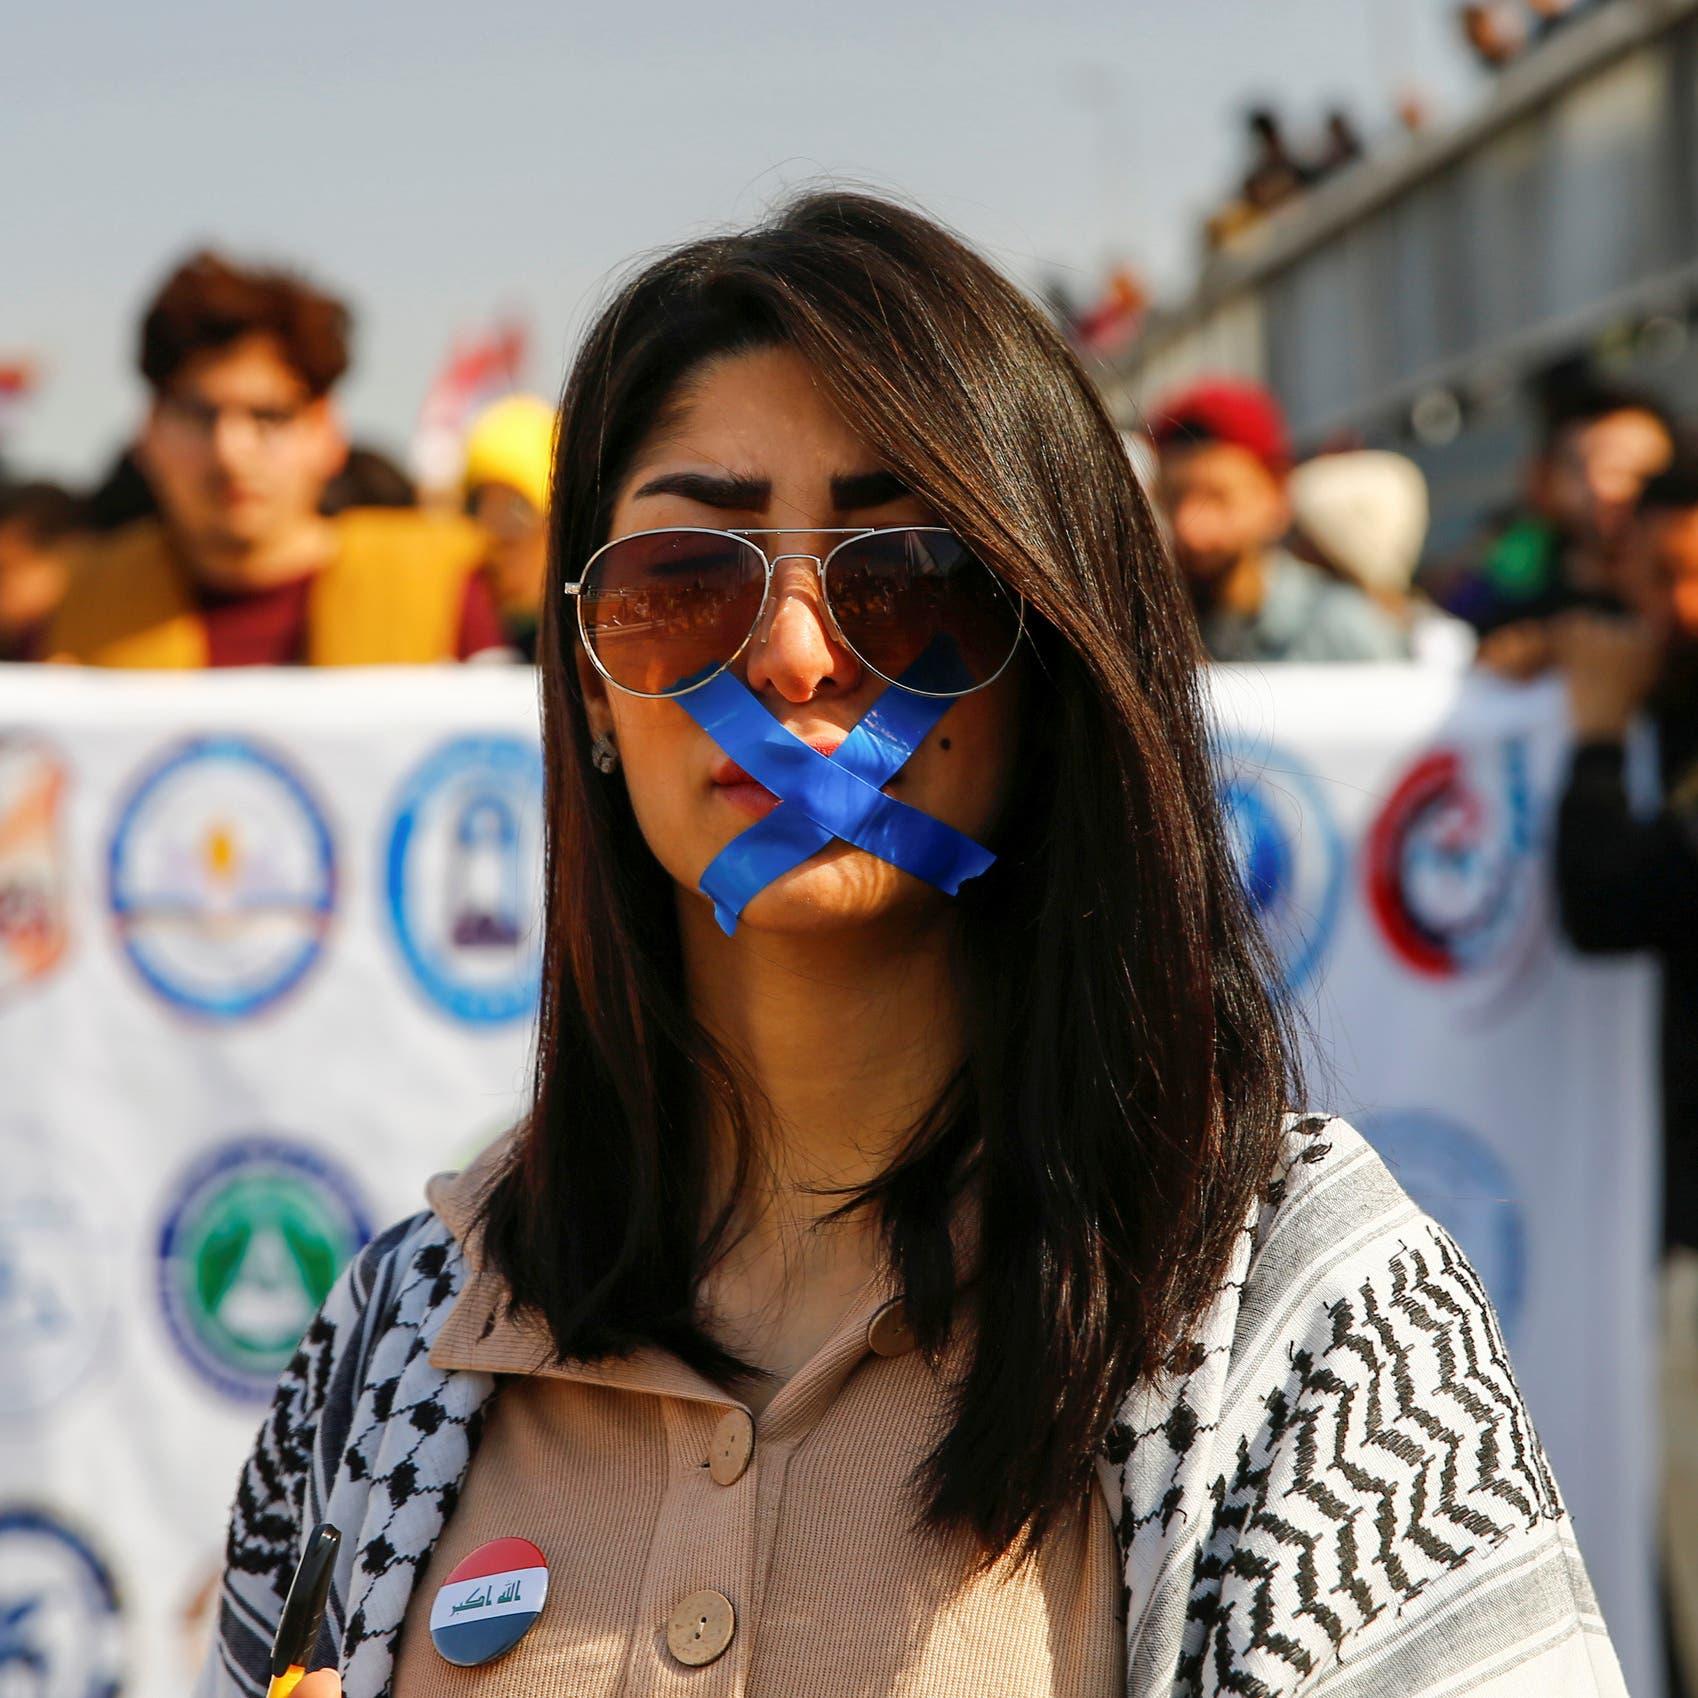 اتصال إيراني وتهديد.. ناشط عراقي يعرض معداته للبيع